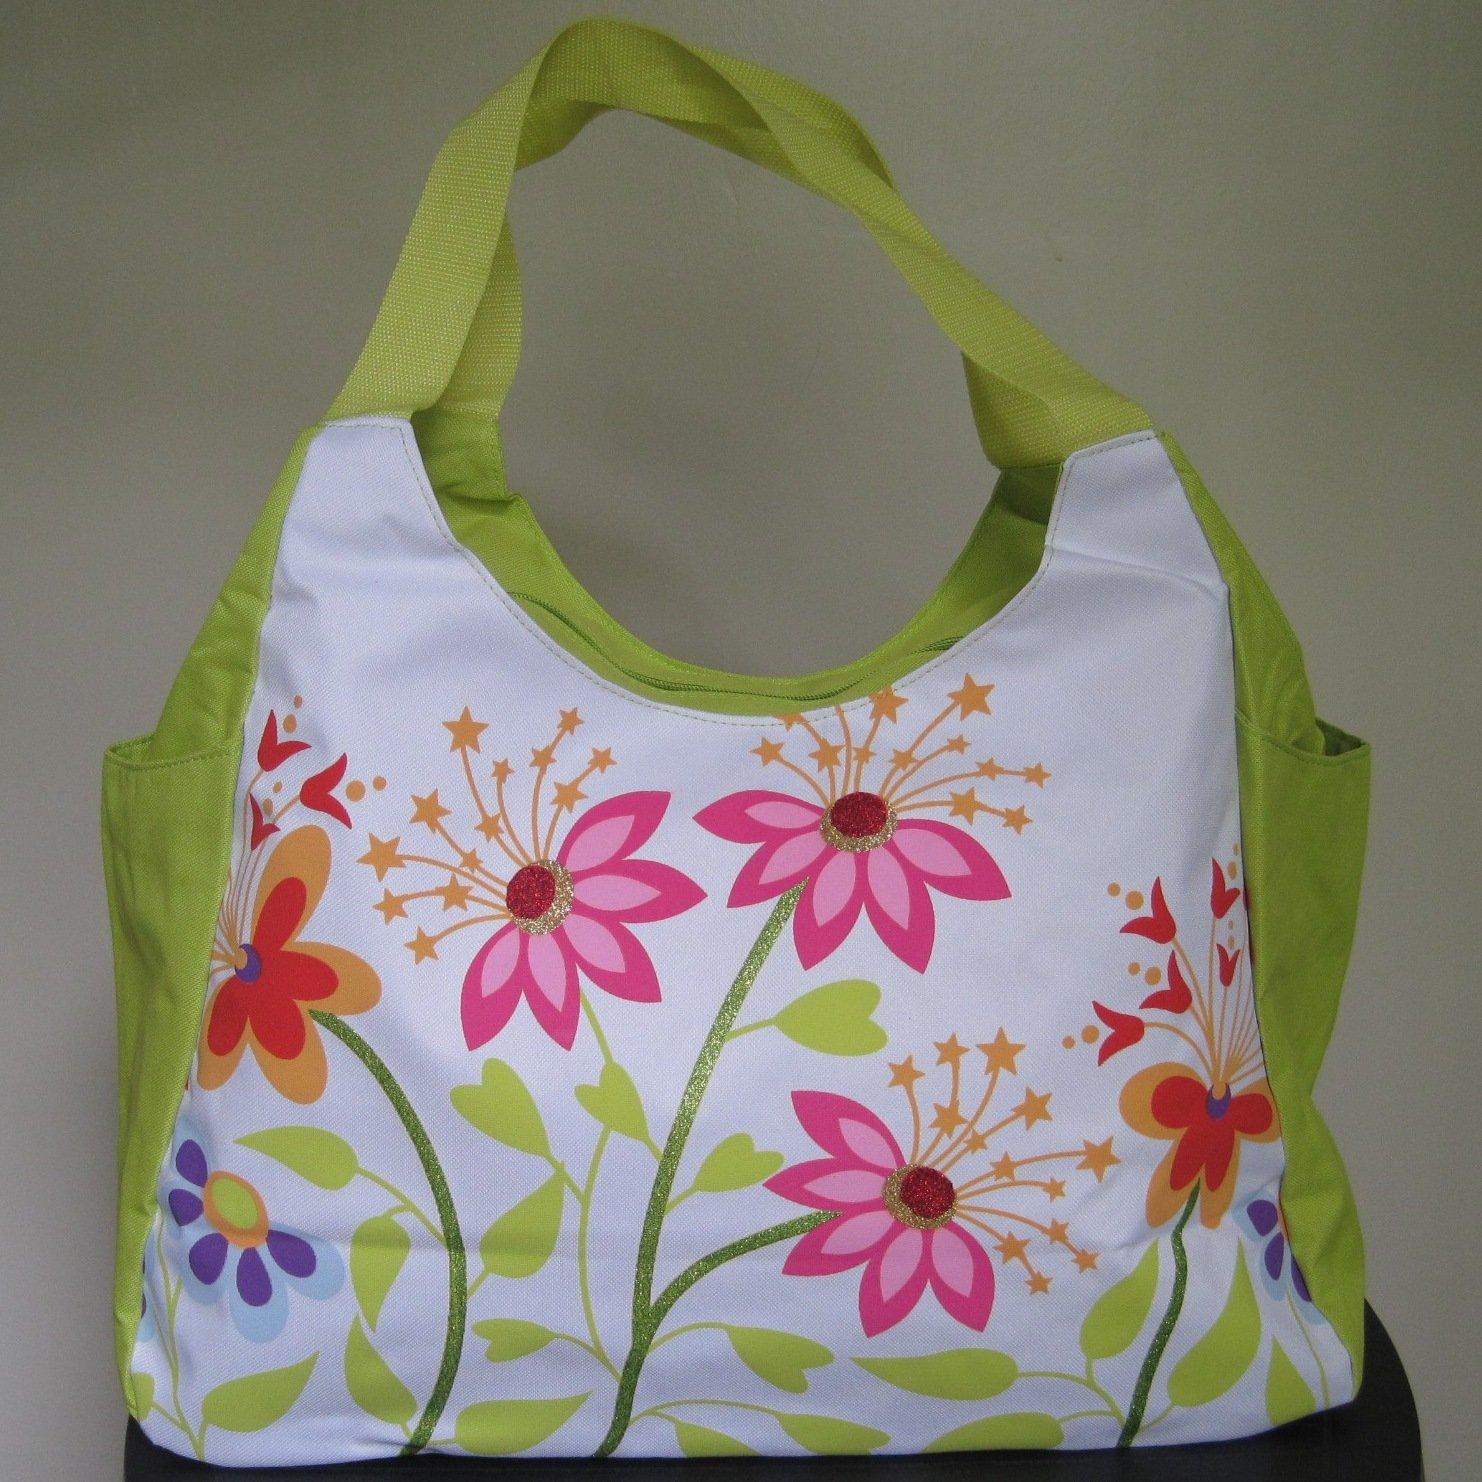 33 x51 x23 cm mujer Beach Bag Bolsa de playa flores verde